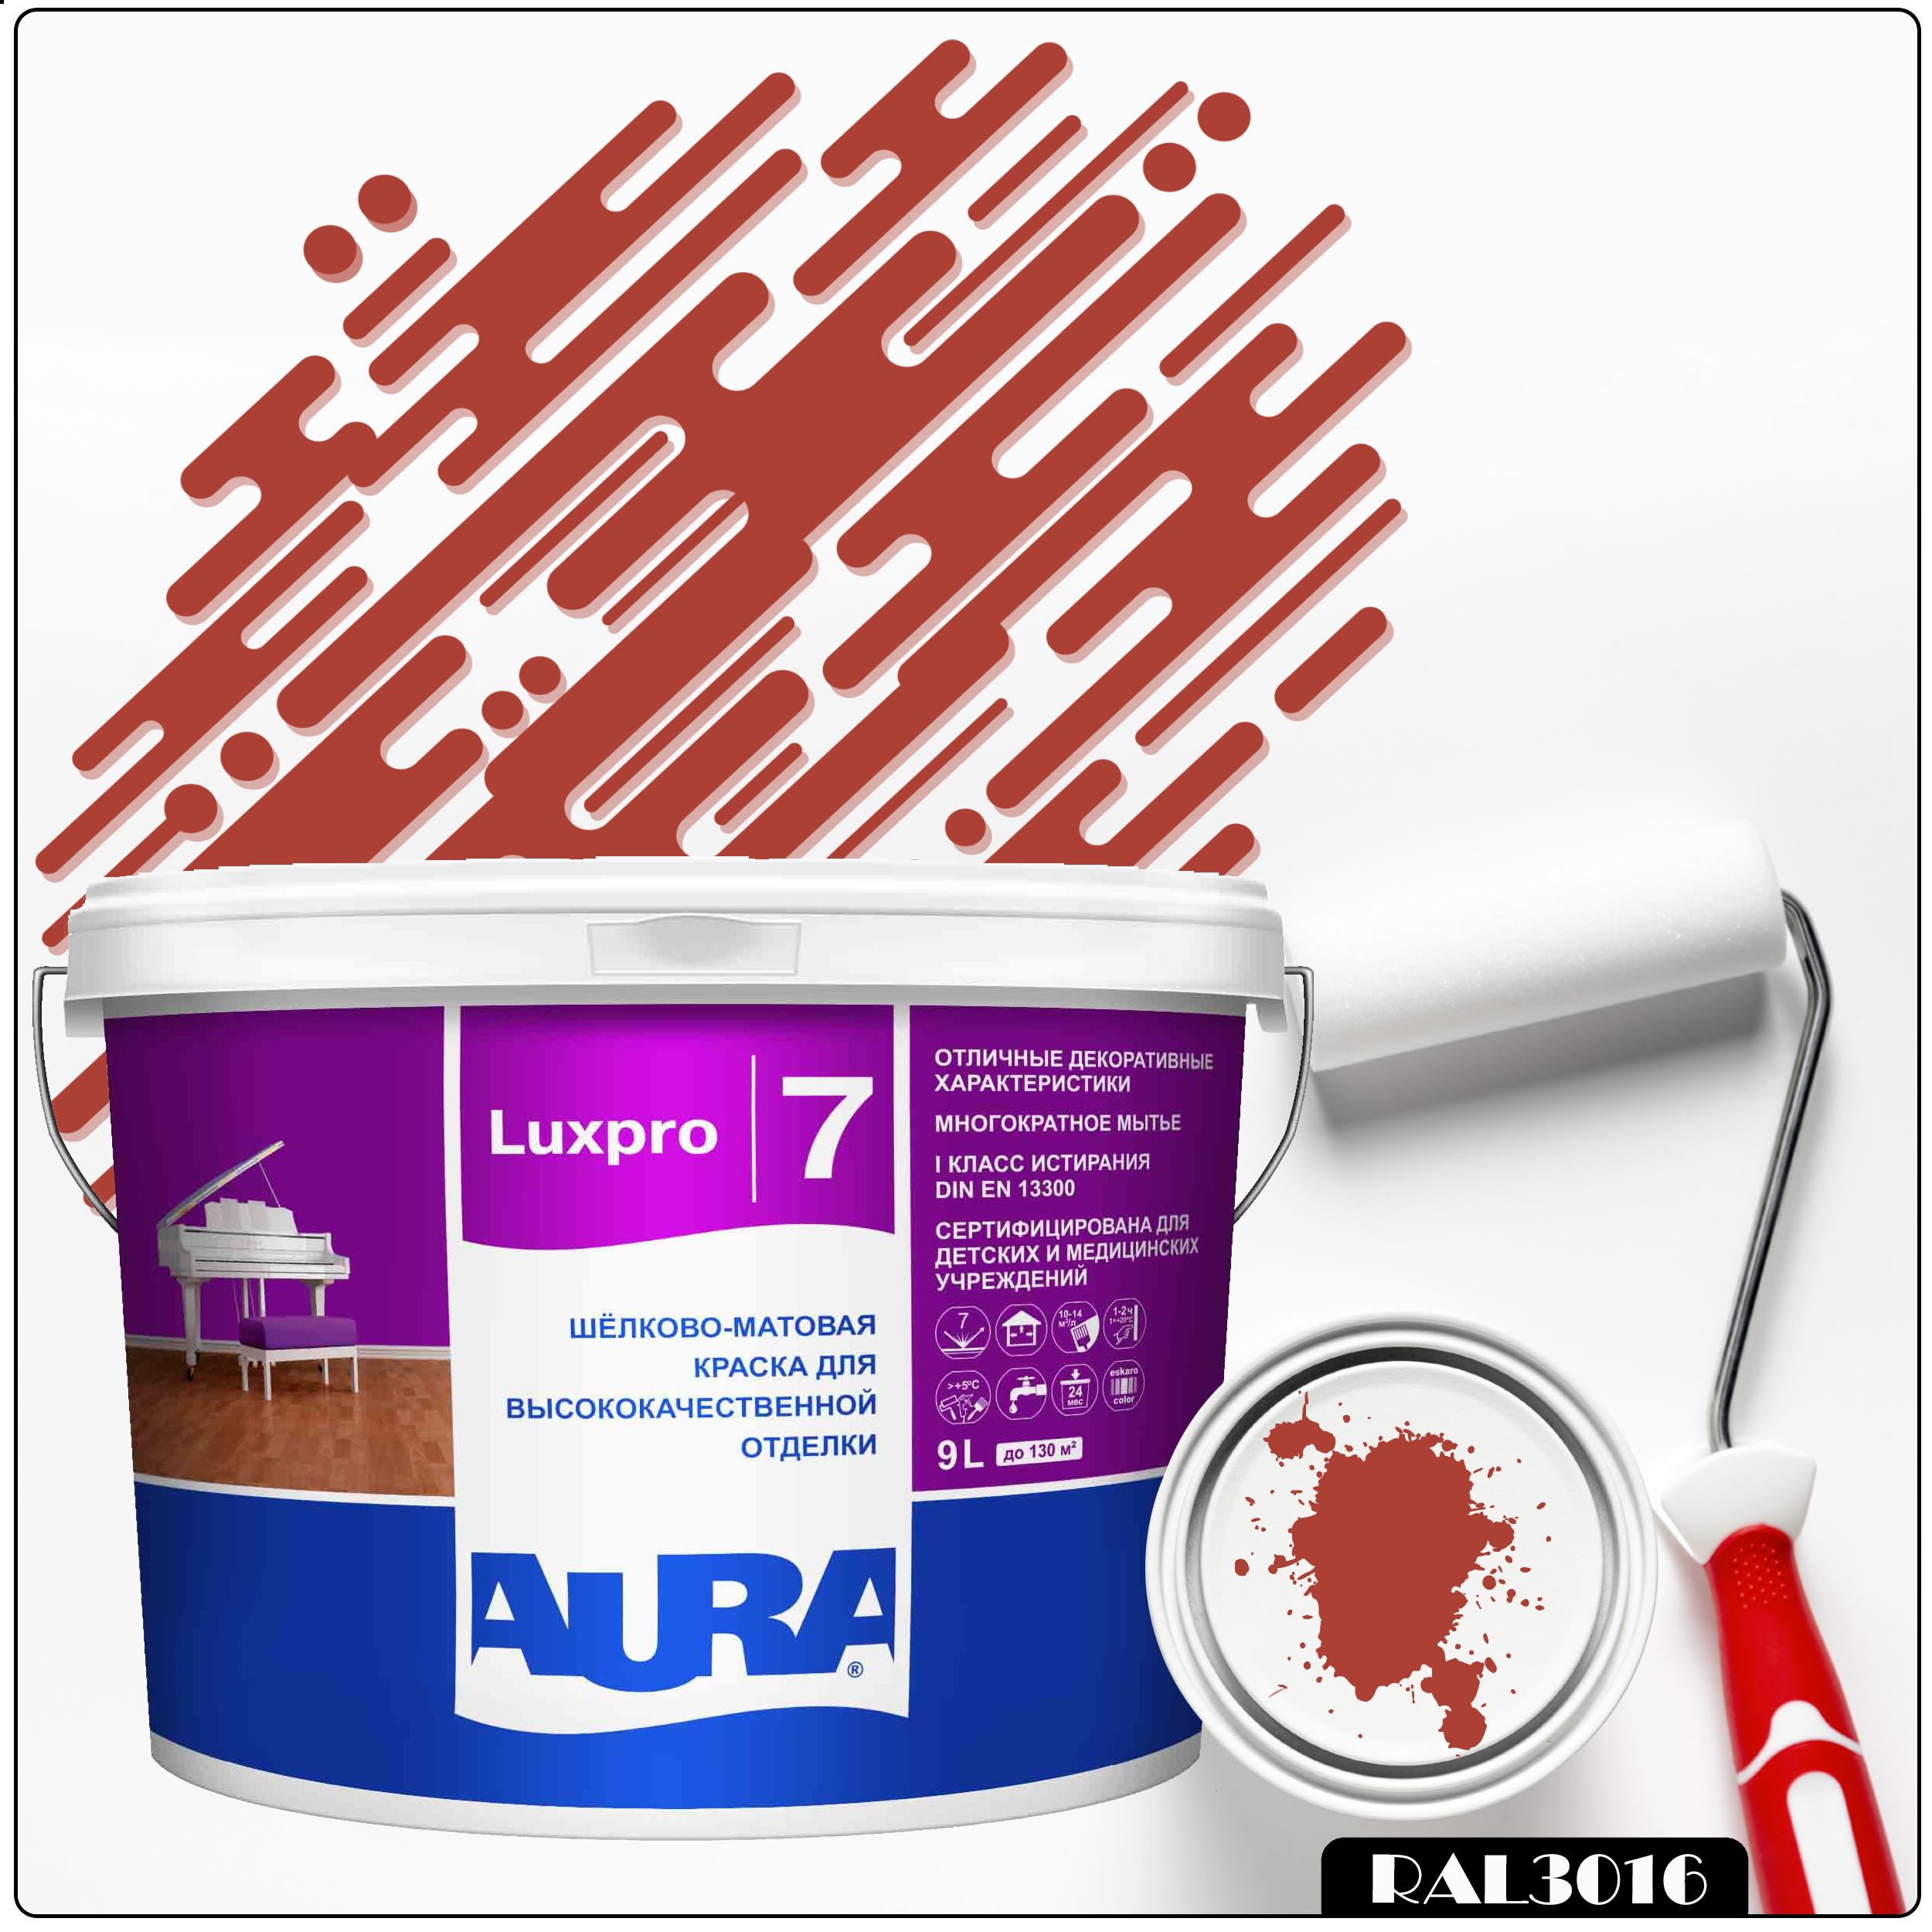 Фото 14 - Краска Aura LuxPRO 7, RAL 3016 Кораллово-красный, латексная, шелково-матовая, интерьерная, 9л, Аура.